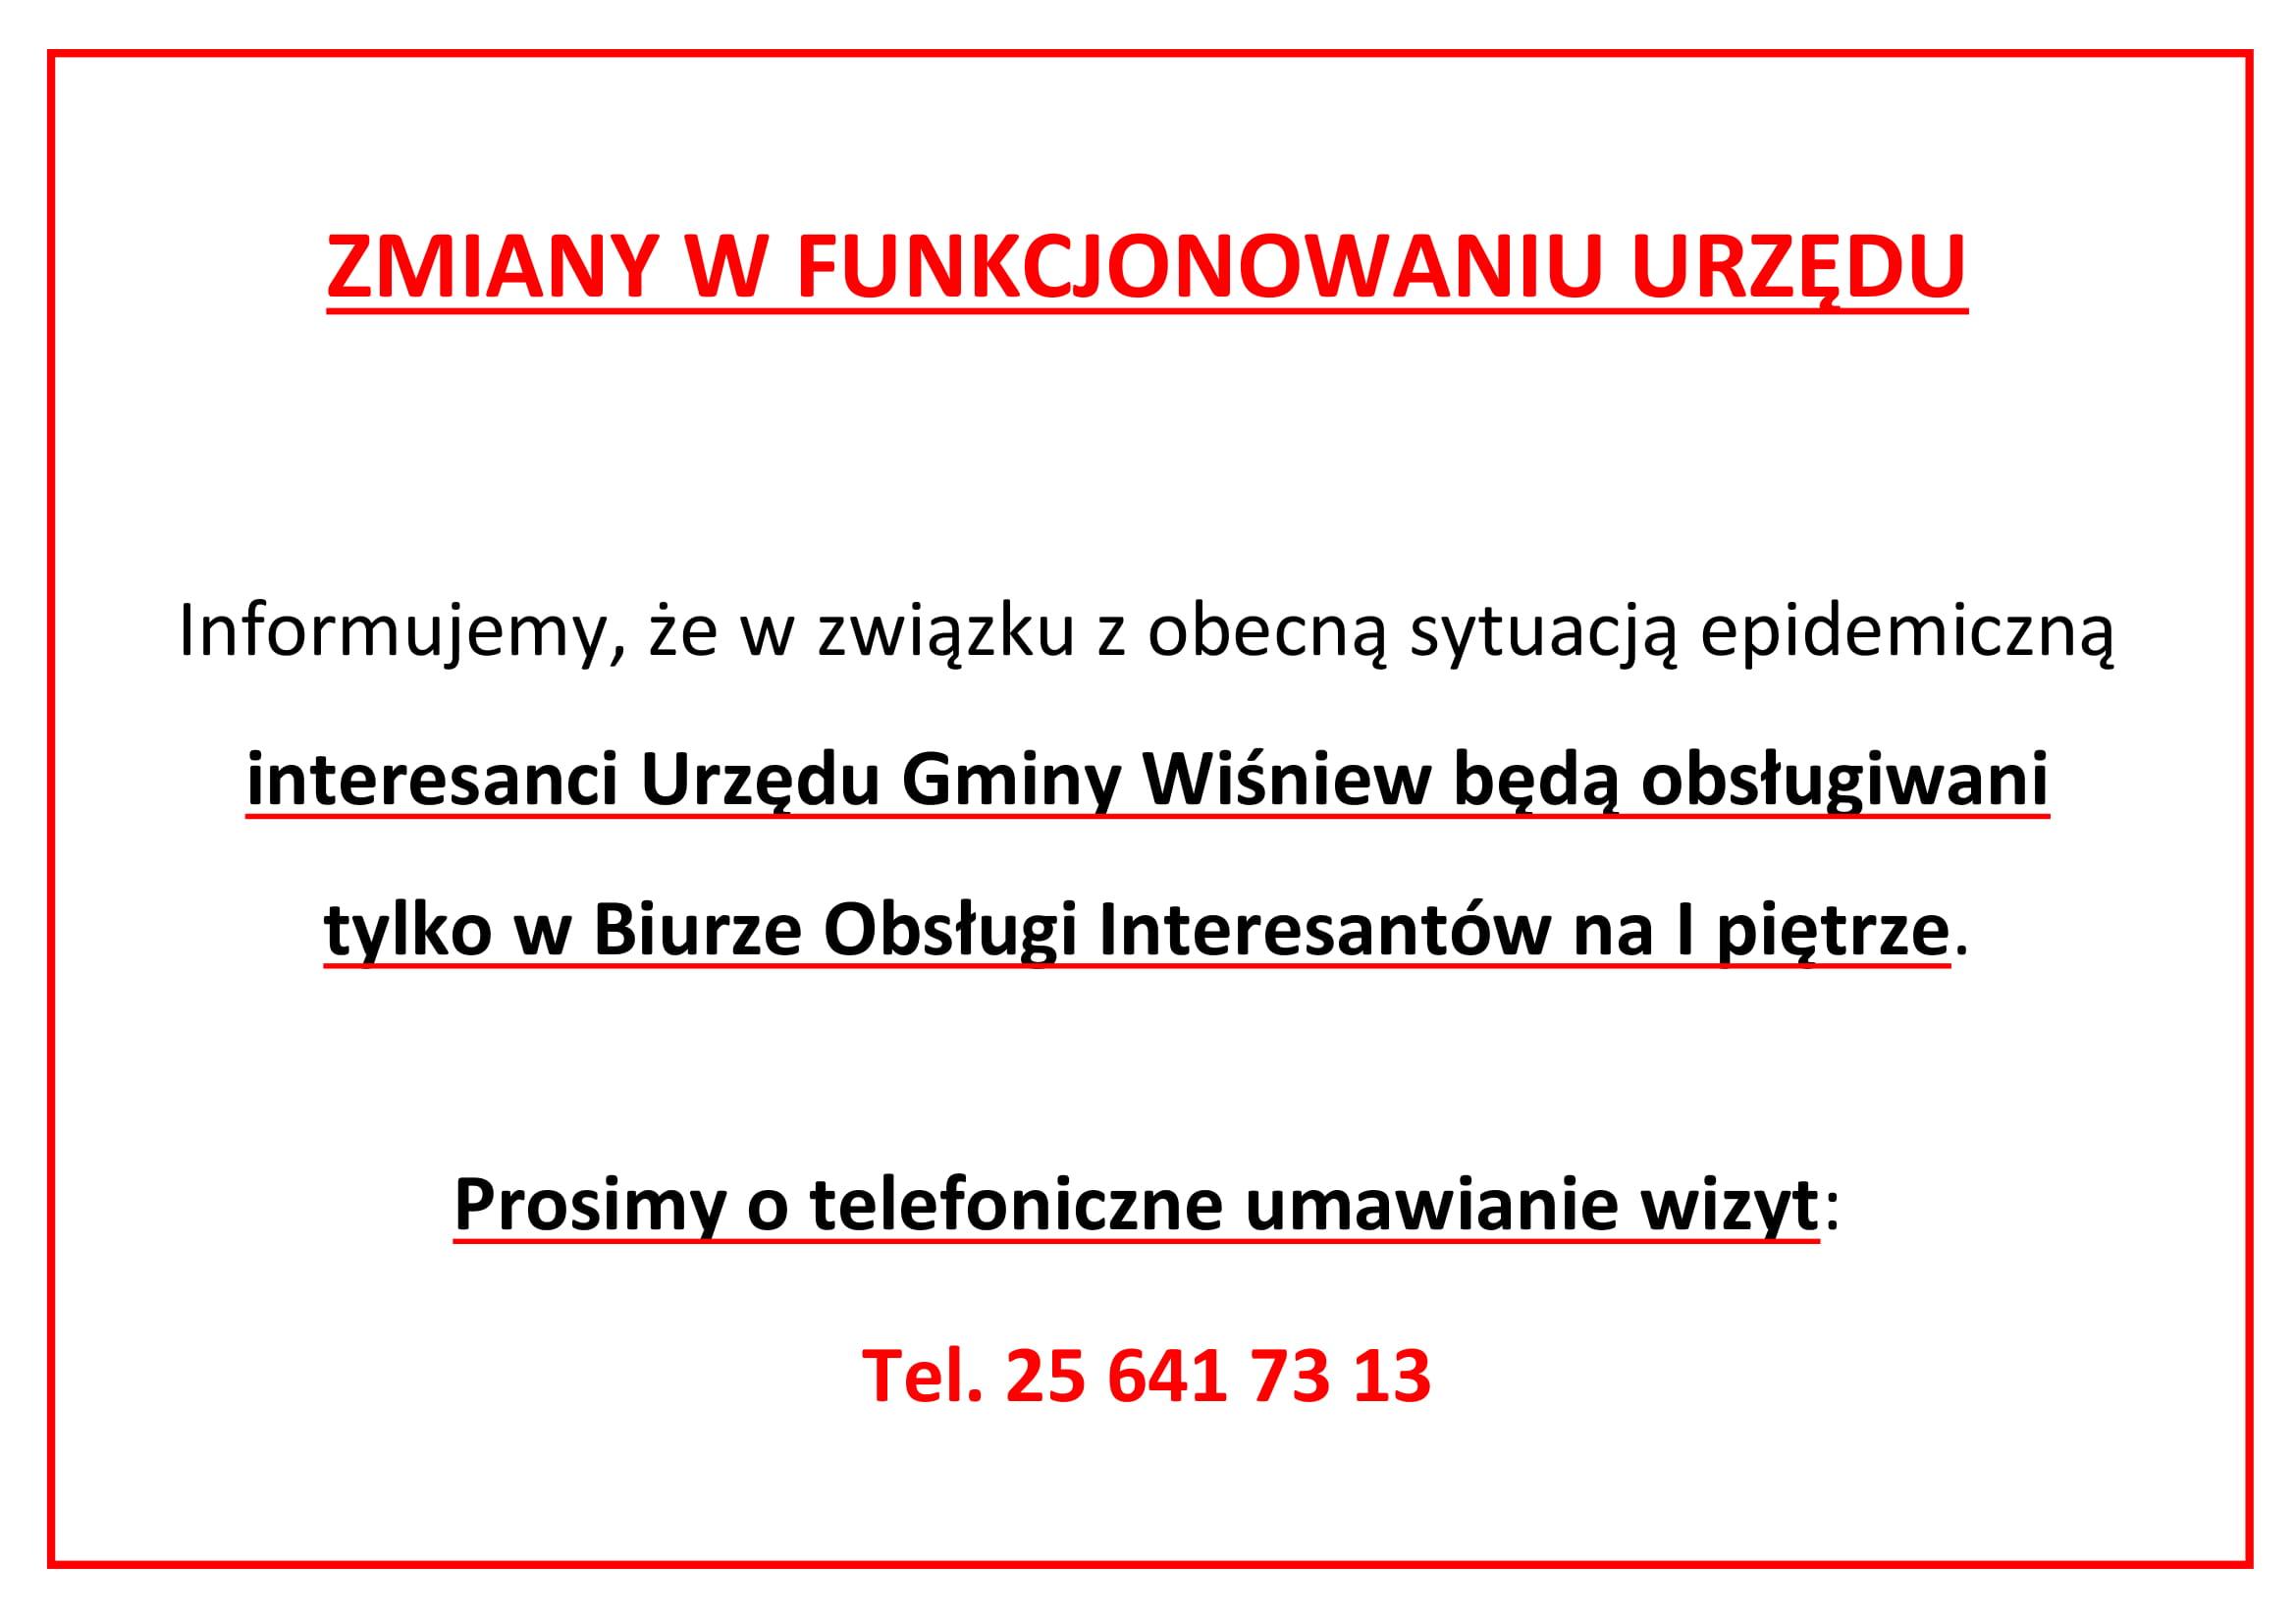 ZMIANY W FUNKCJONOWANIU URZĘDU  Informujemy, że w związku z obecną sytuacją epidemiczną  interesanci Urzędu Gminy Wiśniew będą obsługiwani tylko w Biurze Obsługi Interesantów na I piętrze.   Prosimy o telefoniczne umawianie wizyt: Tel. 25 641 73 13